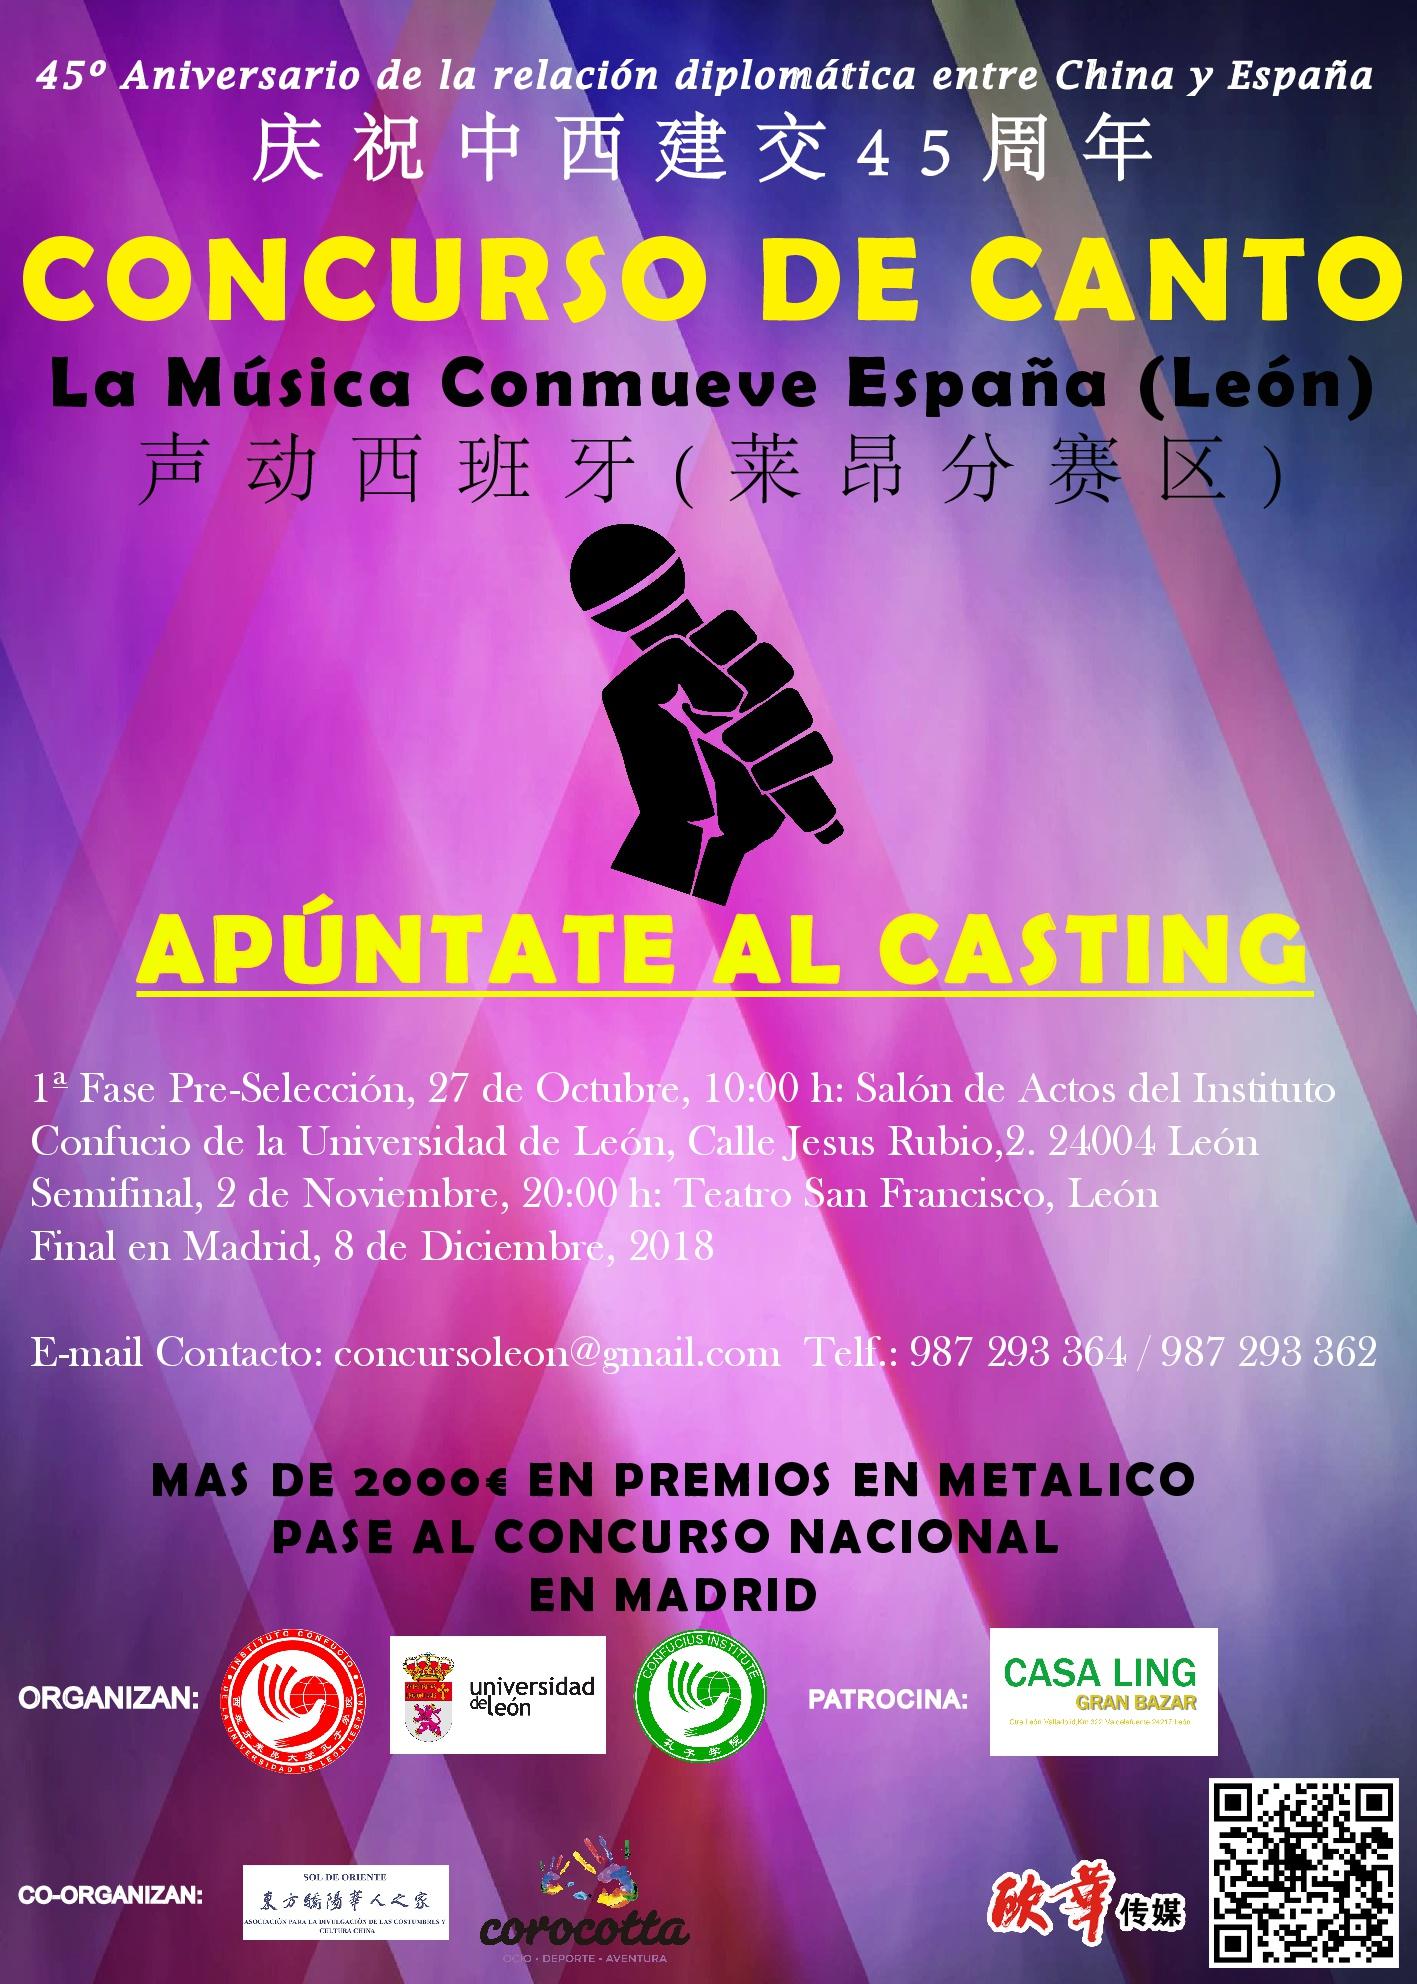 Concurso de Canto La Música Conmueve España - imagen 3